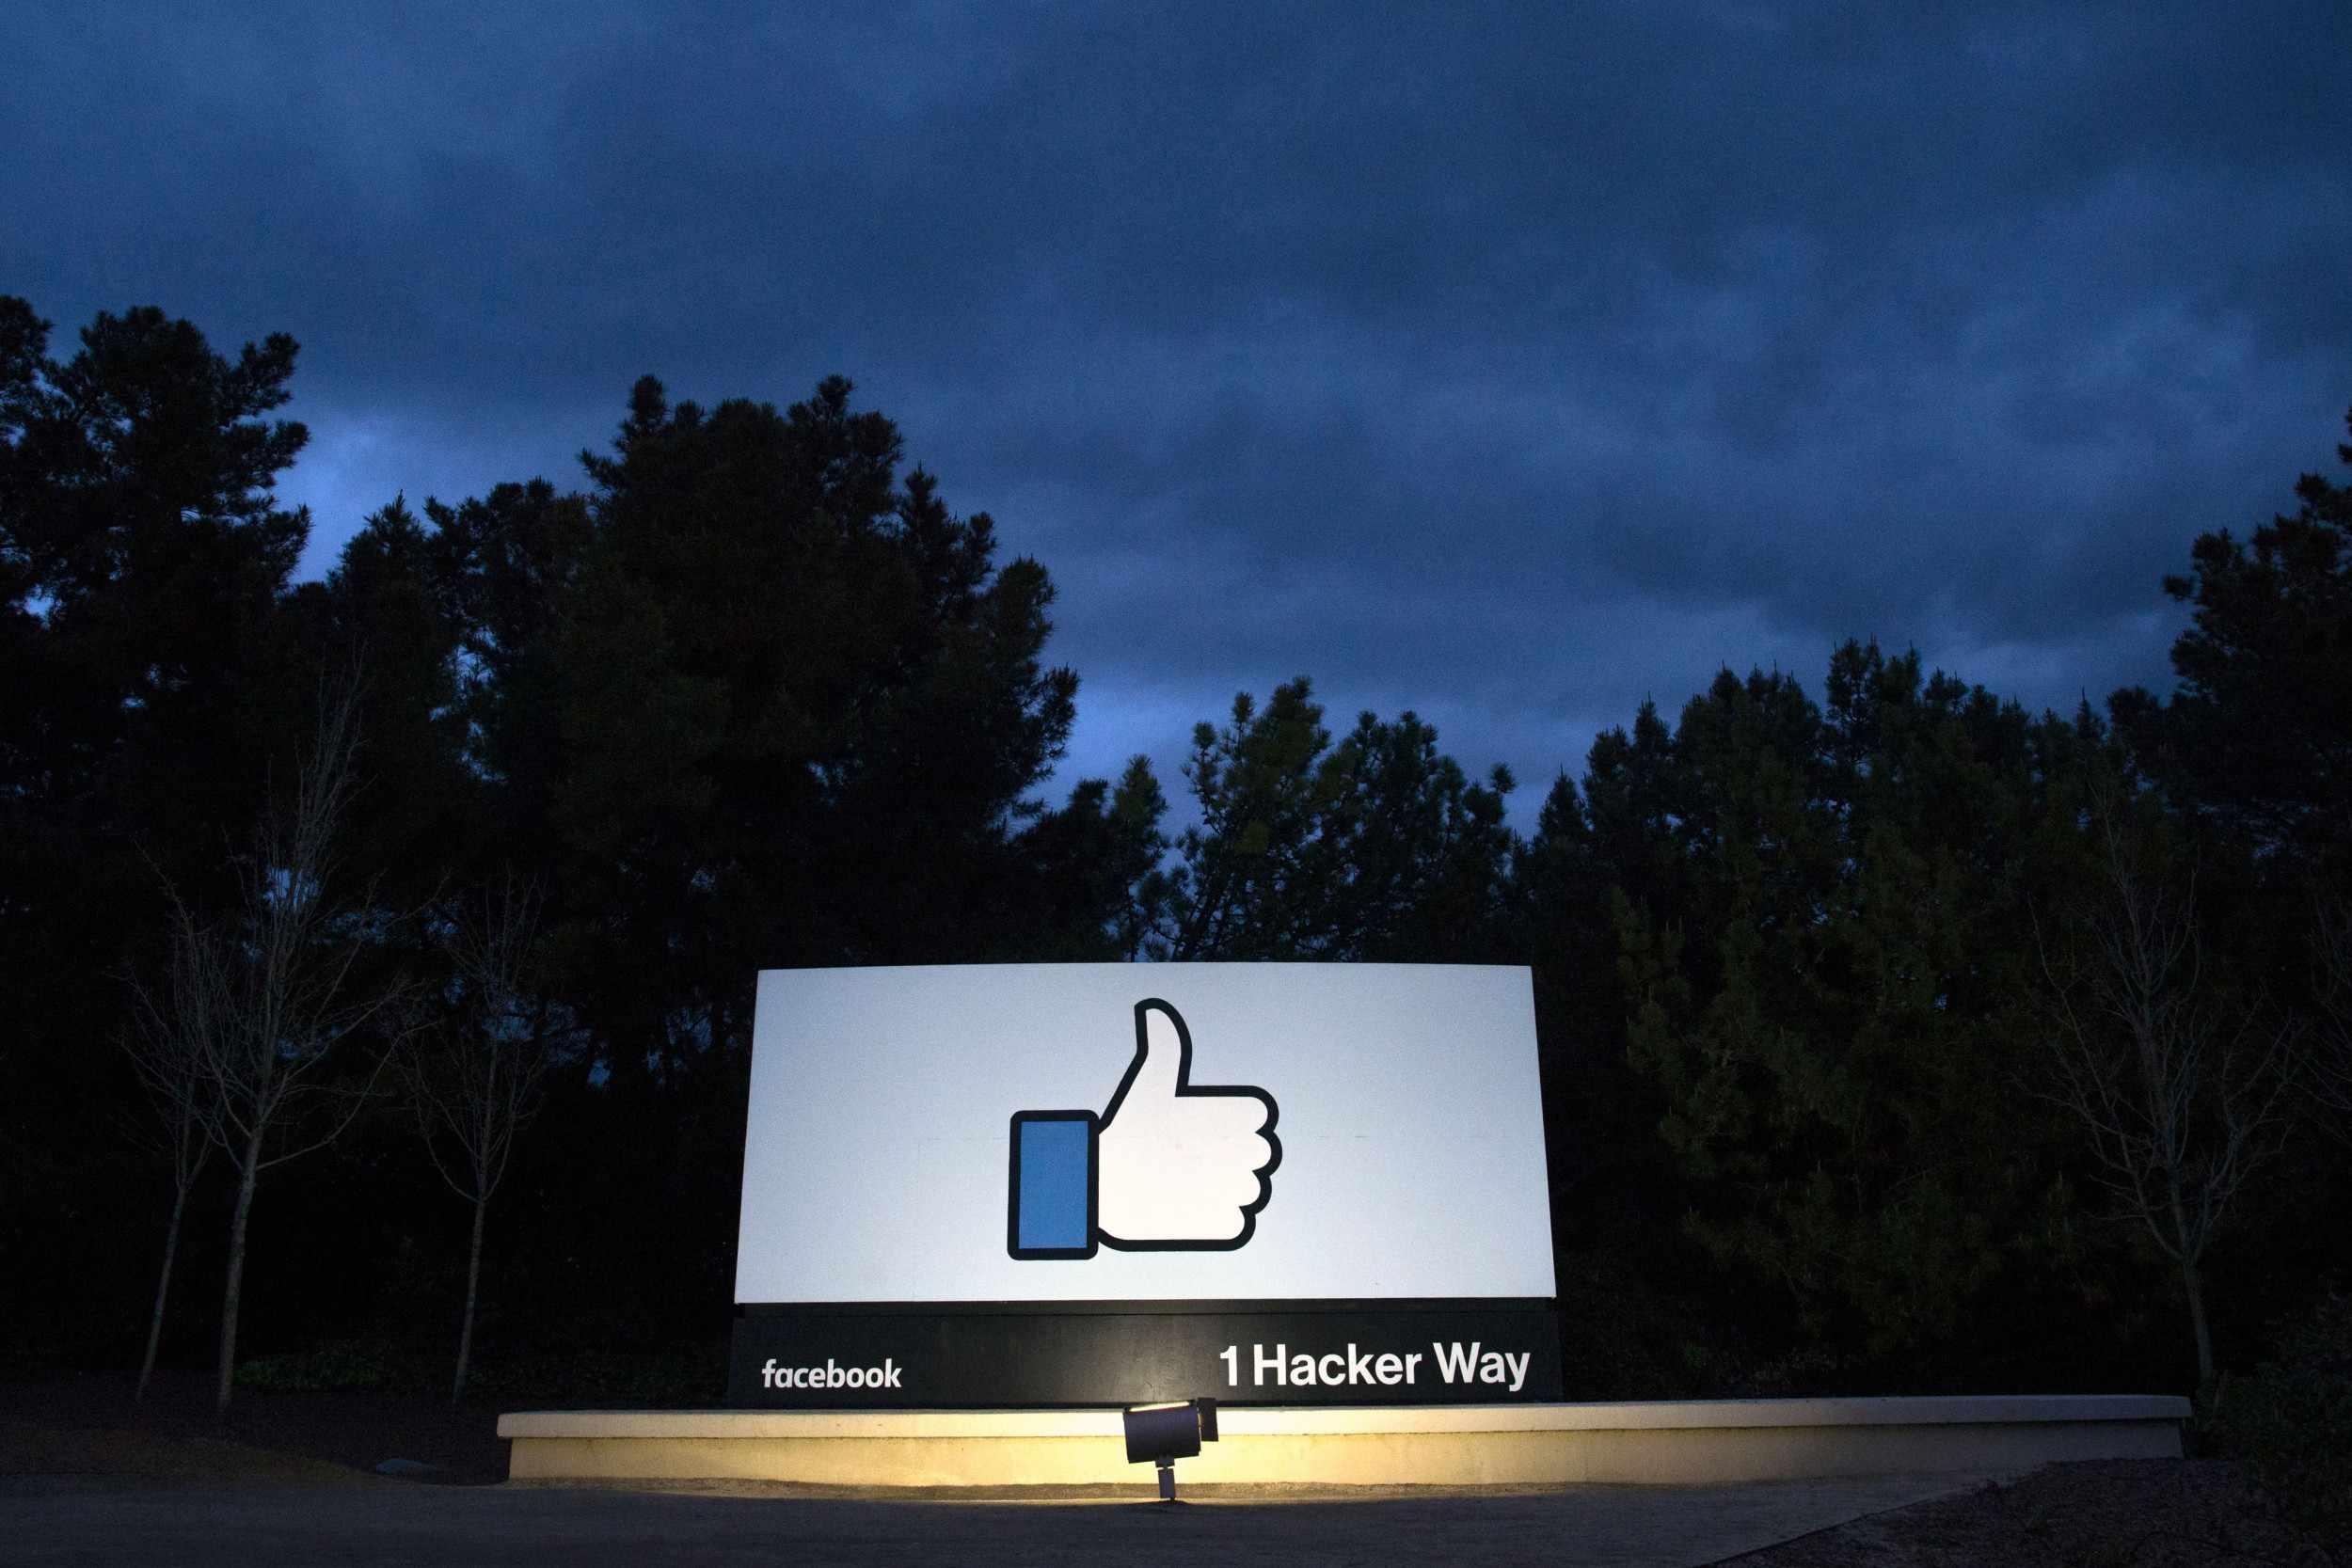 facebook trump donald future people